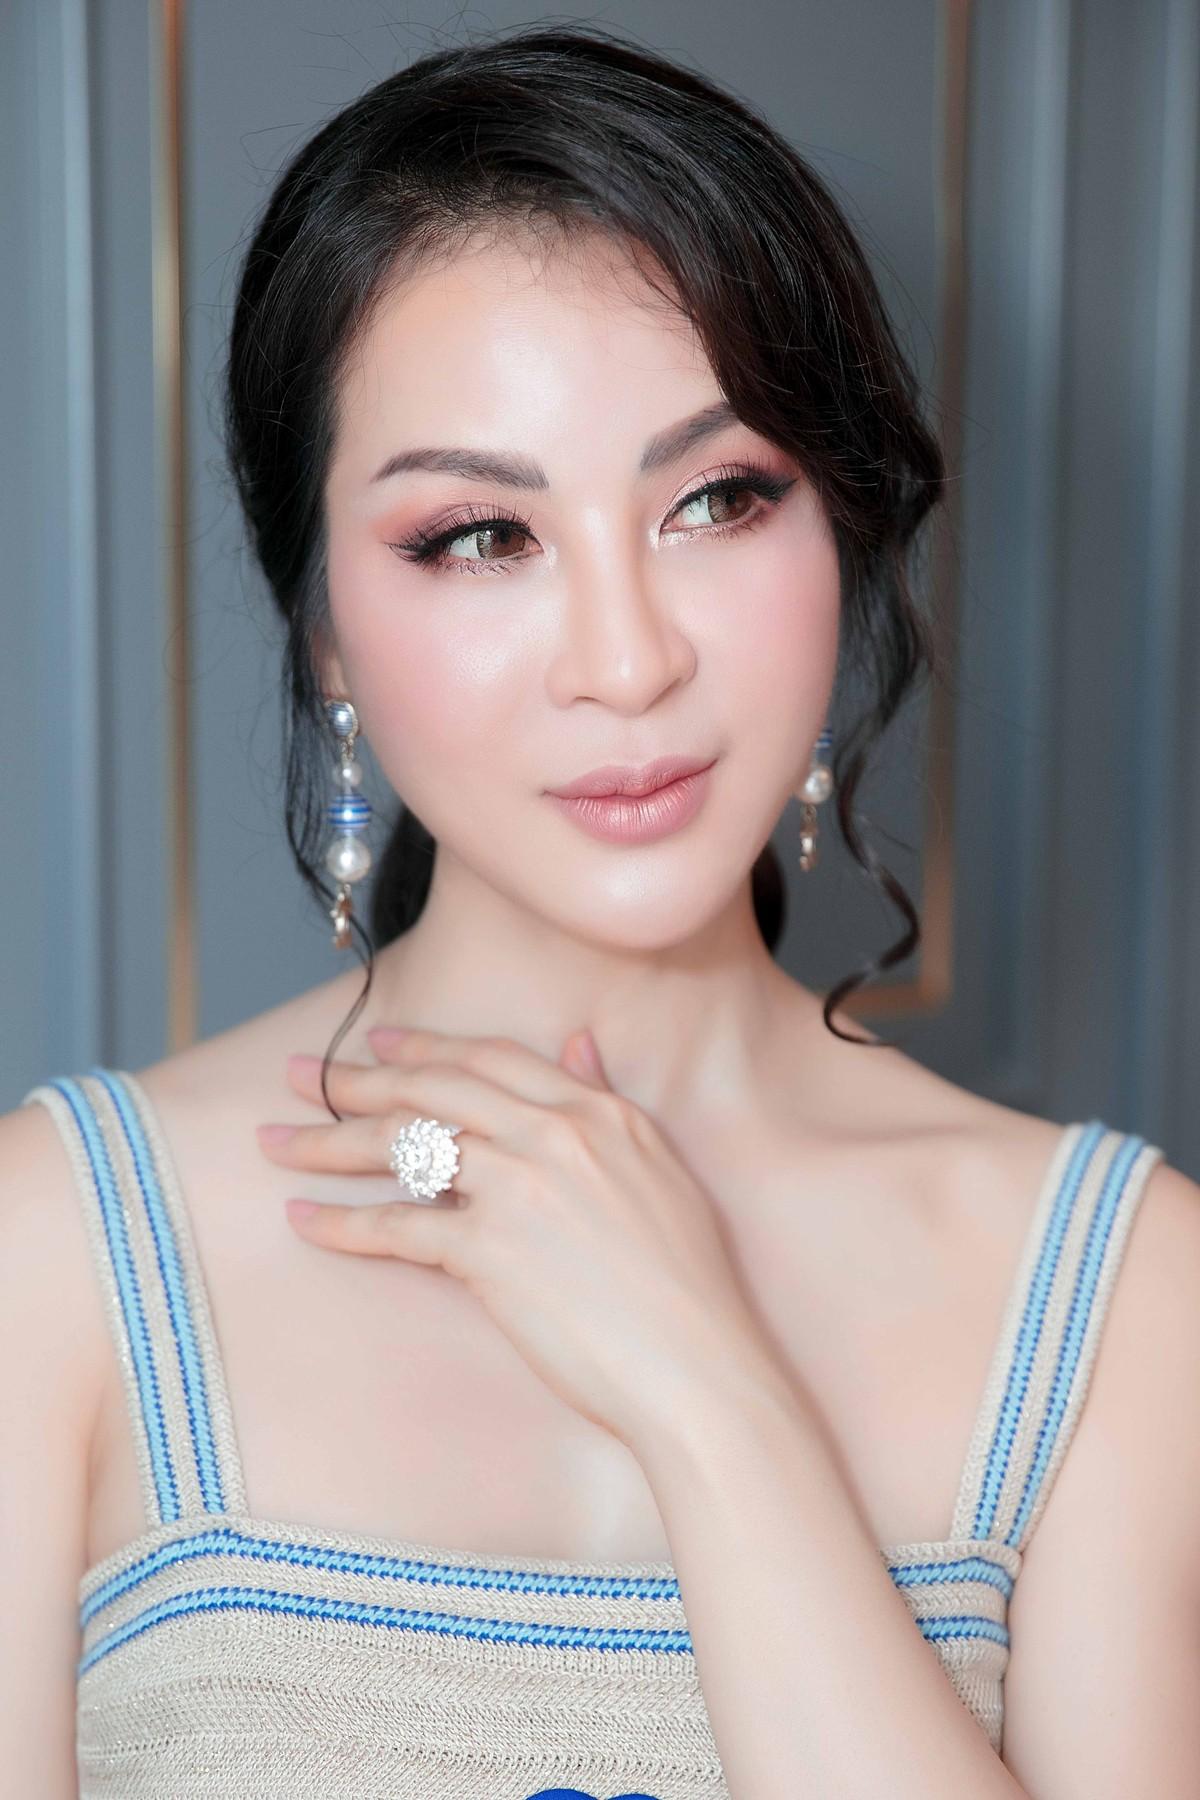 MC Thanh Mai khoe lưng trần gợi cảm ở tuổi trung niên - Ảnh 2.